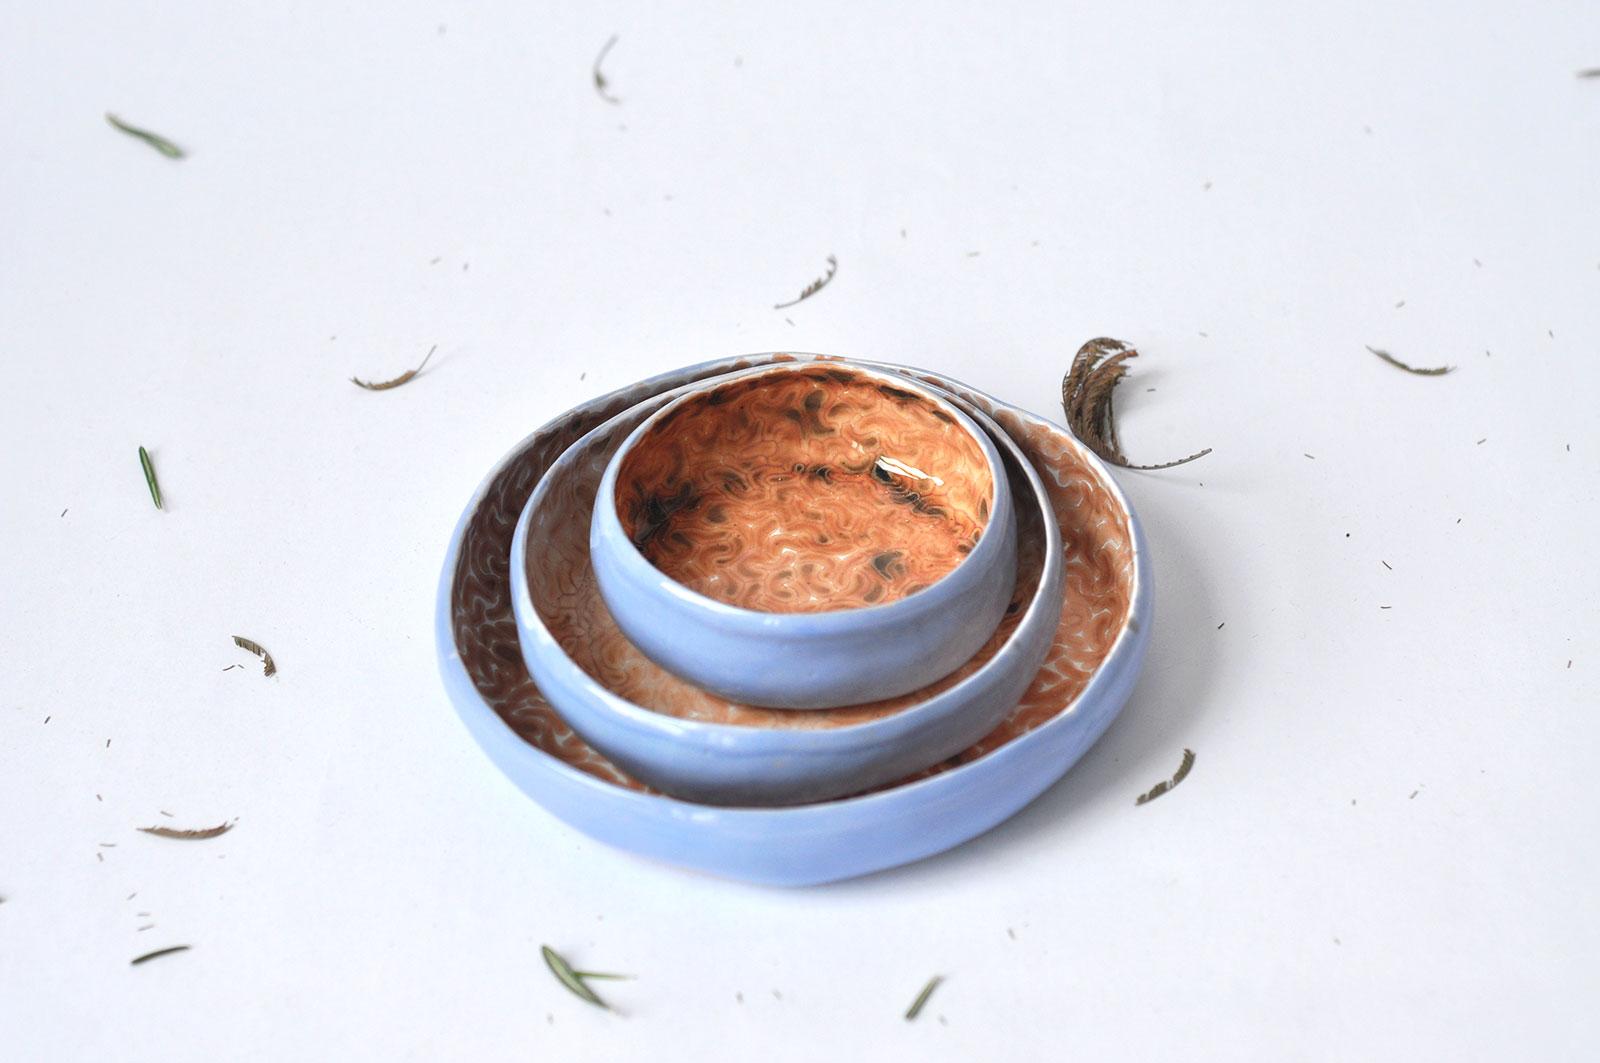 Декоративні керамічні тарілки - Колекція «Дежавю» (Ручна робота)